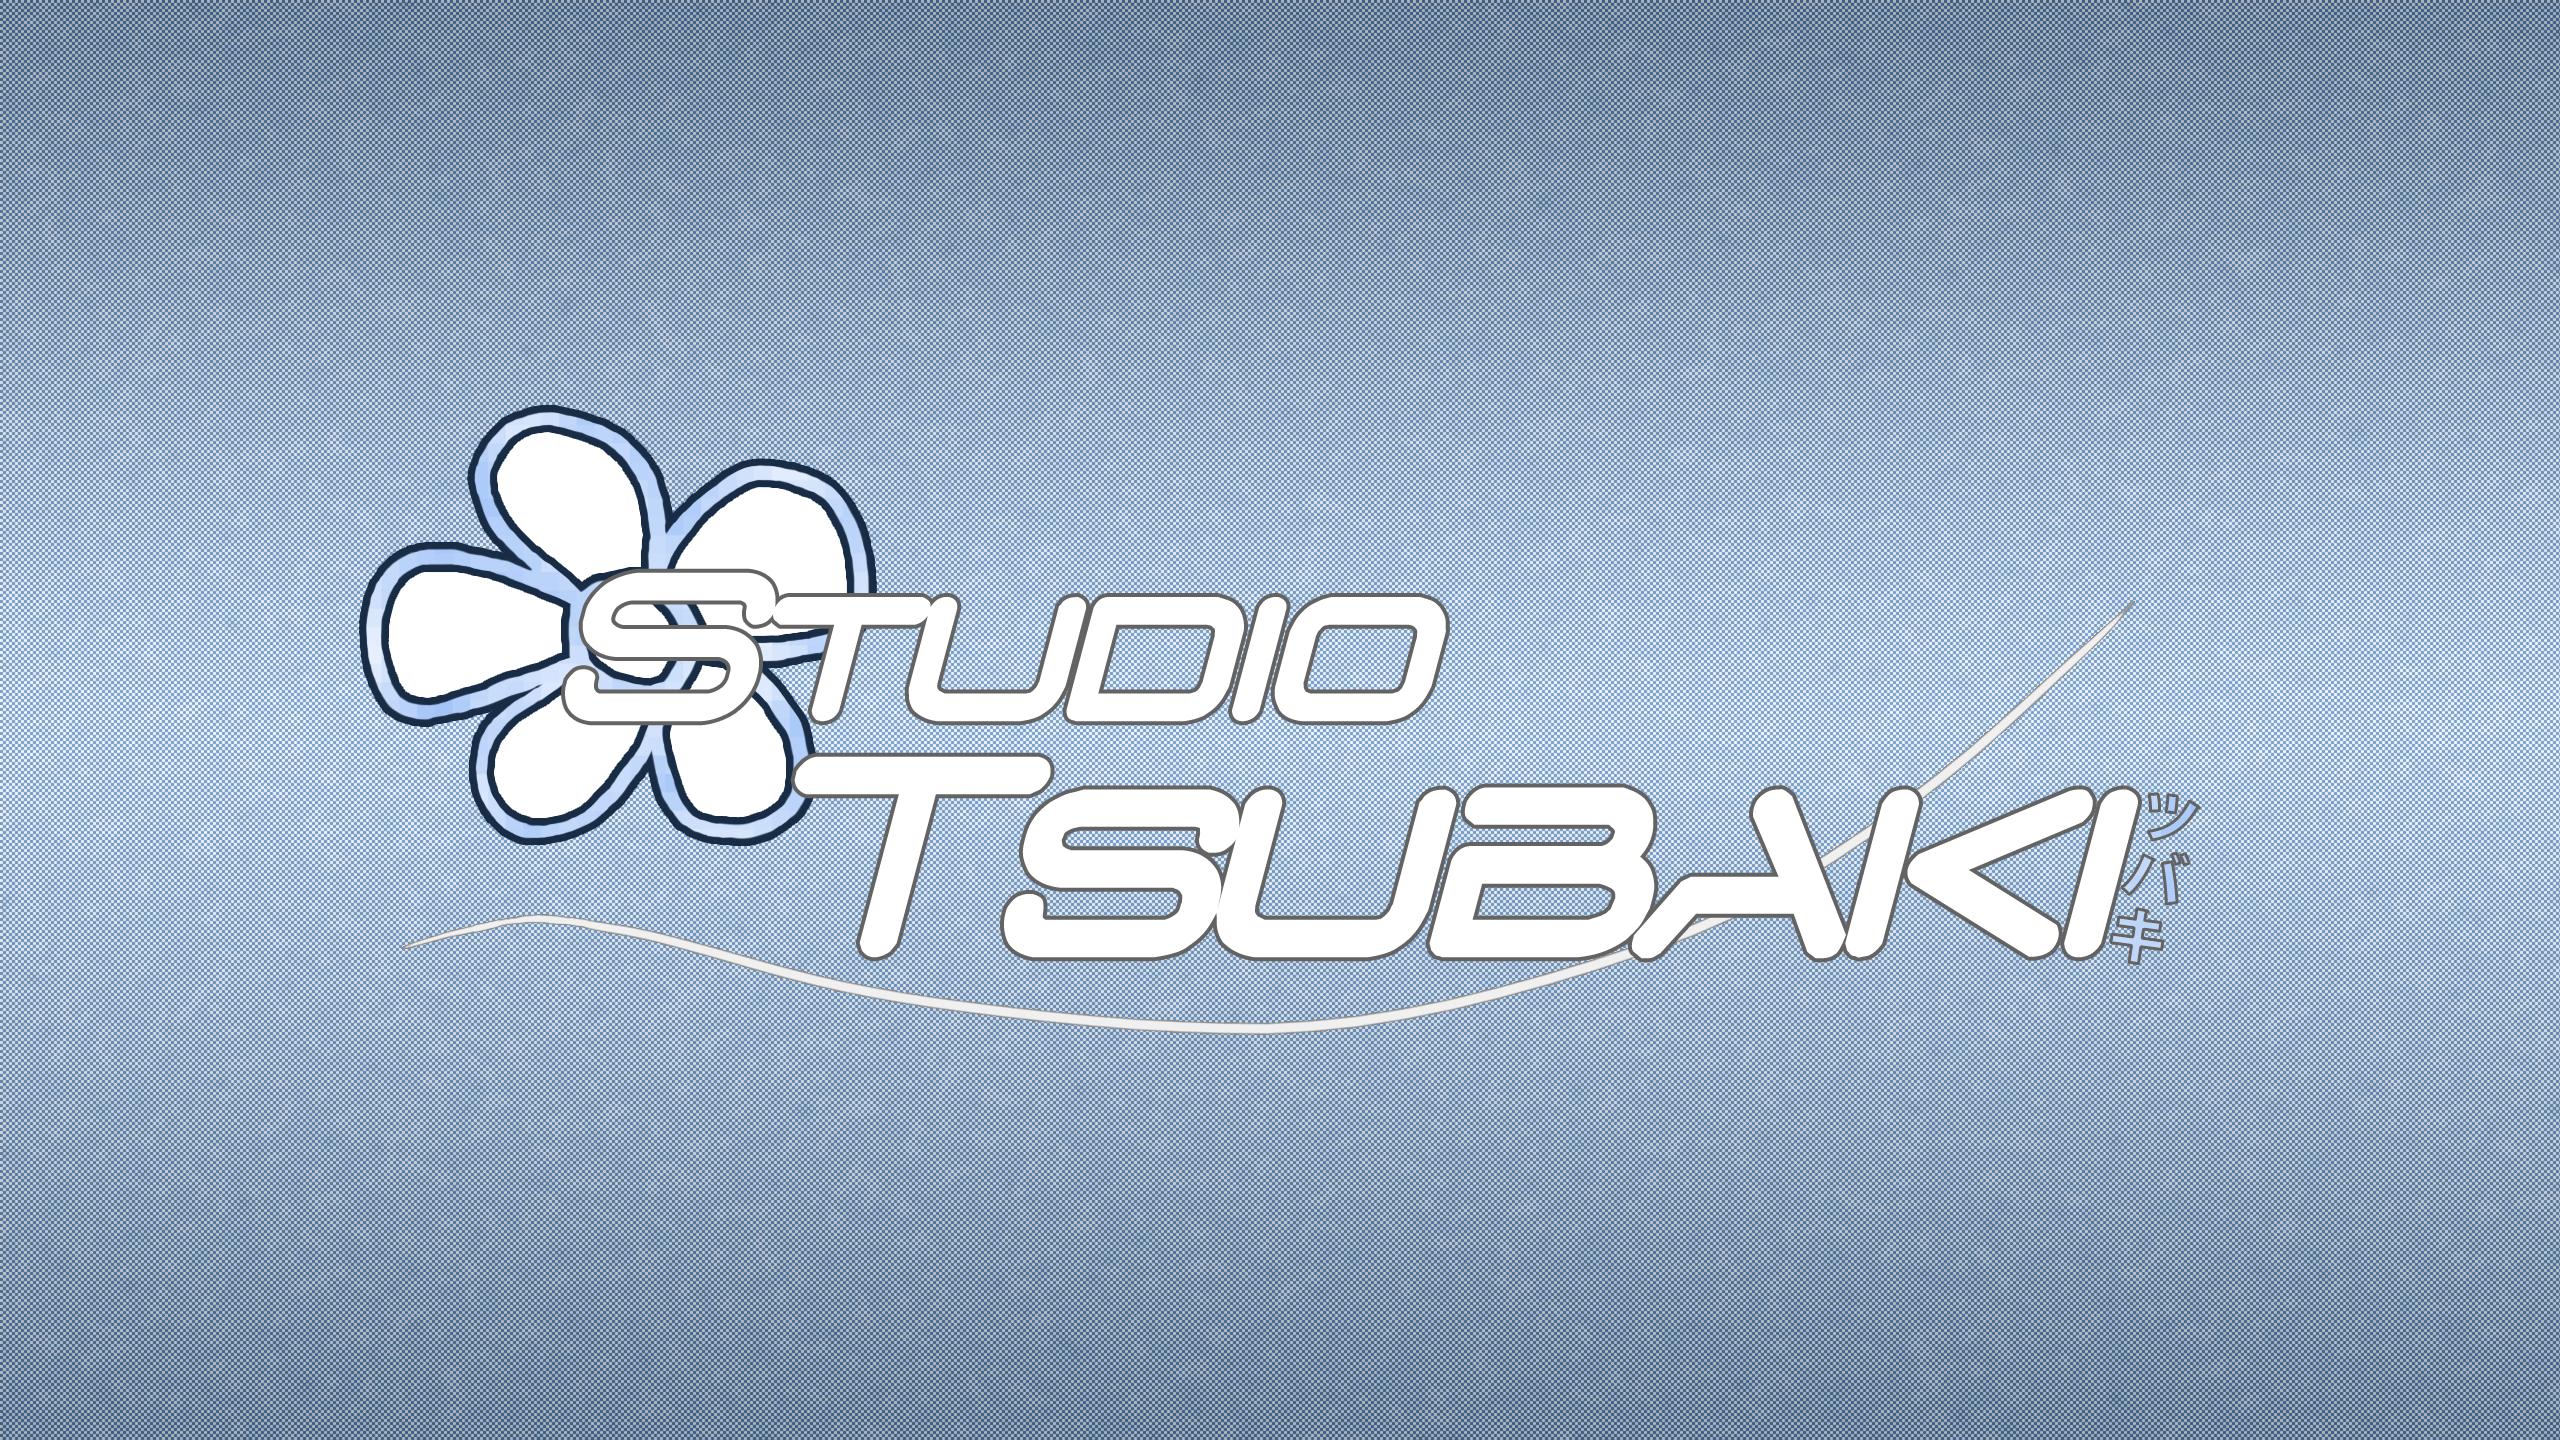 StudioTsu Site Update!